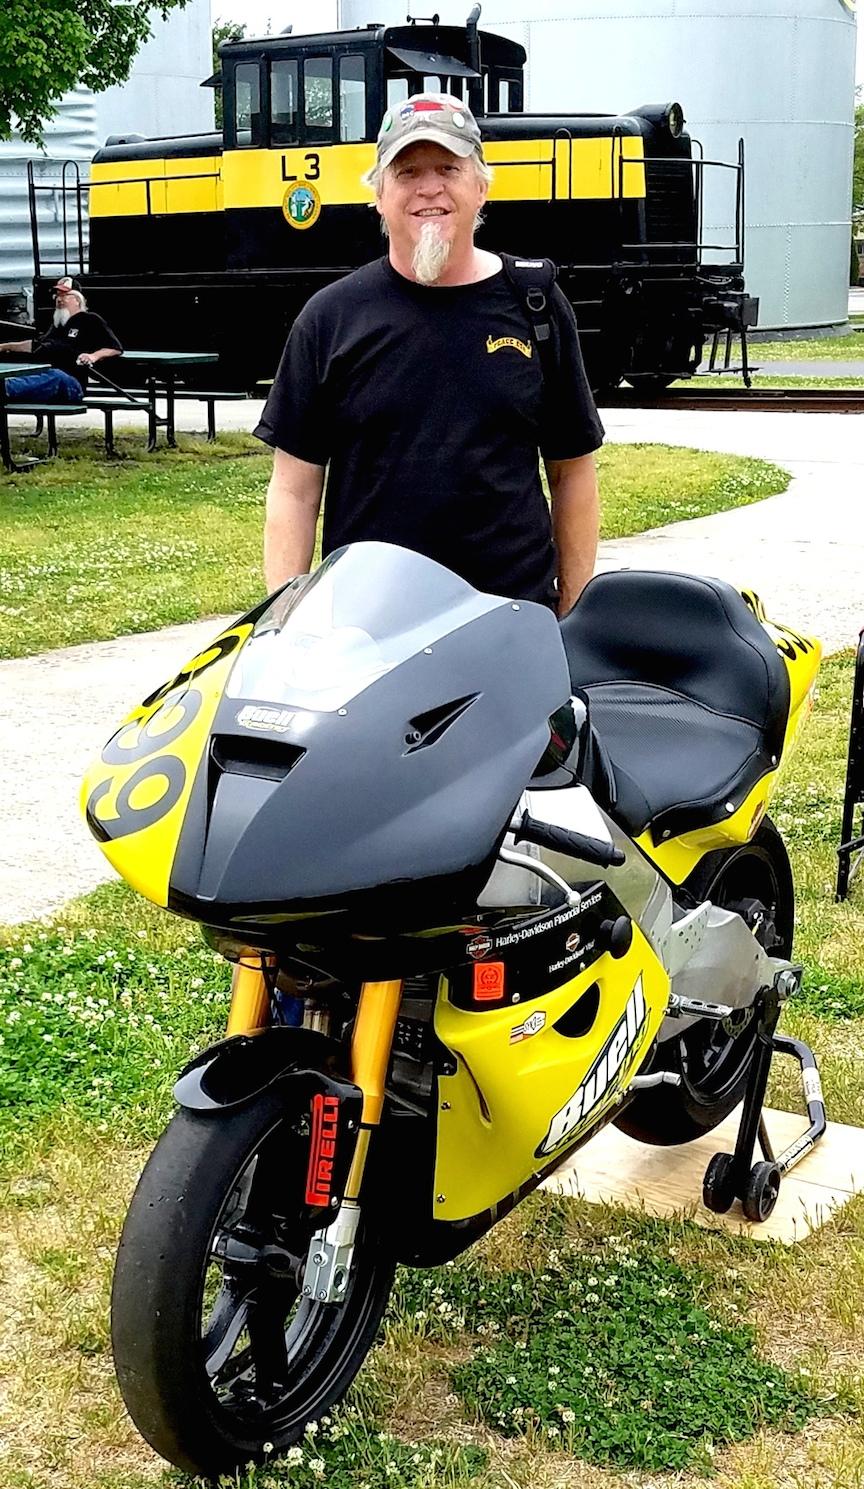 Bad weather biker at NCTM